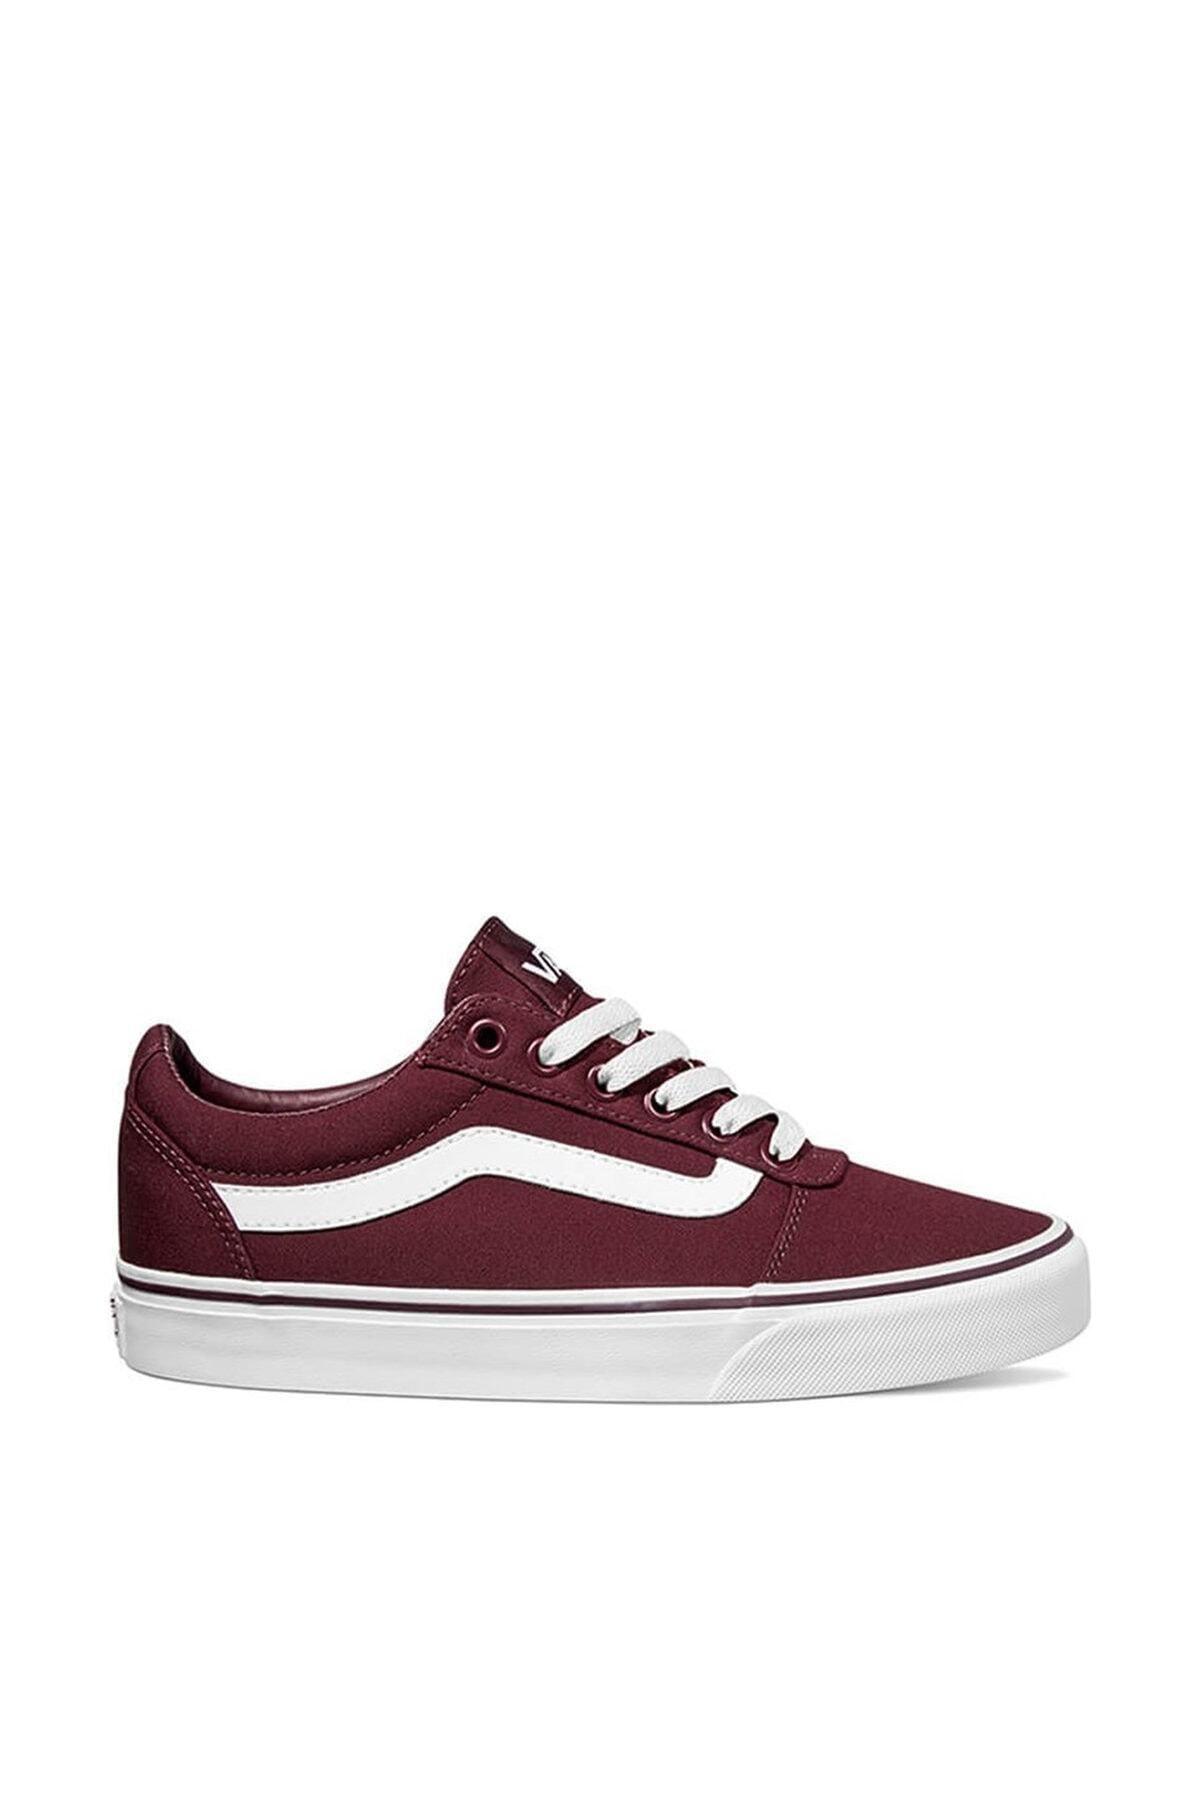 Vans WM WARD Bordo Kadın Sneaker Ayakkabı 100575289 1